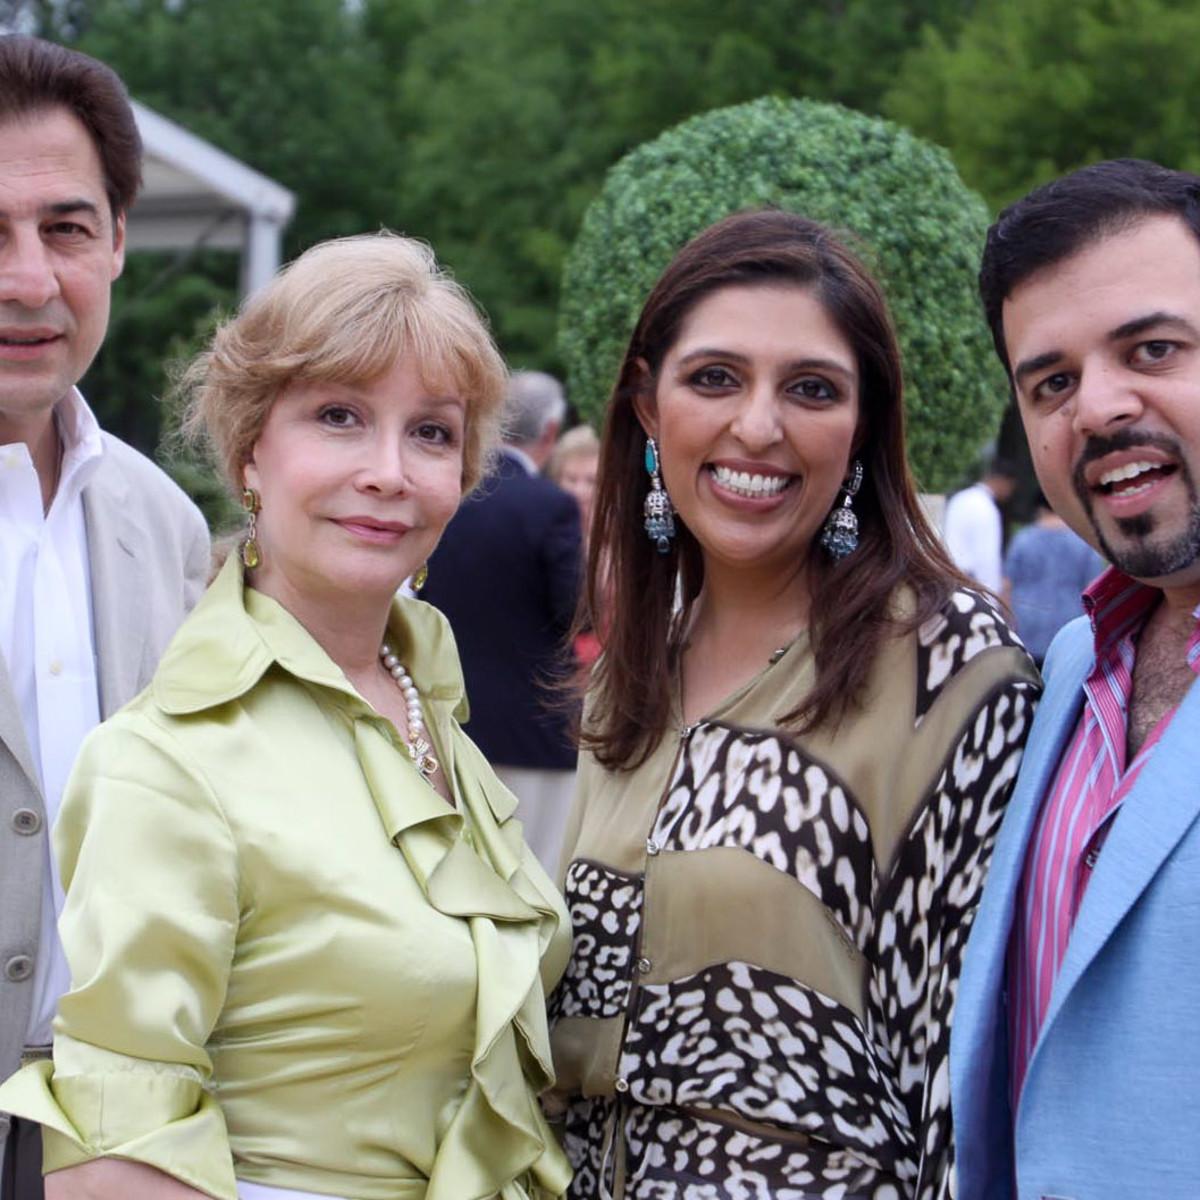 News_Park party_May 2010_Dan Boggio_Susan Boggio_Sean Mehta_Nidhika Mehta